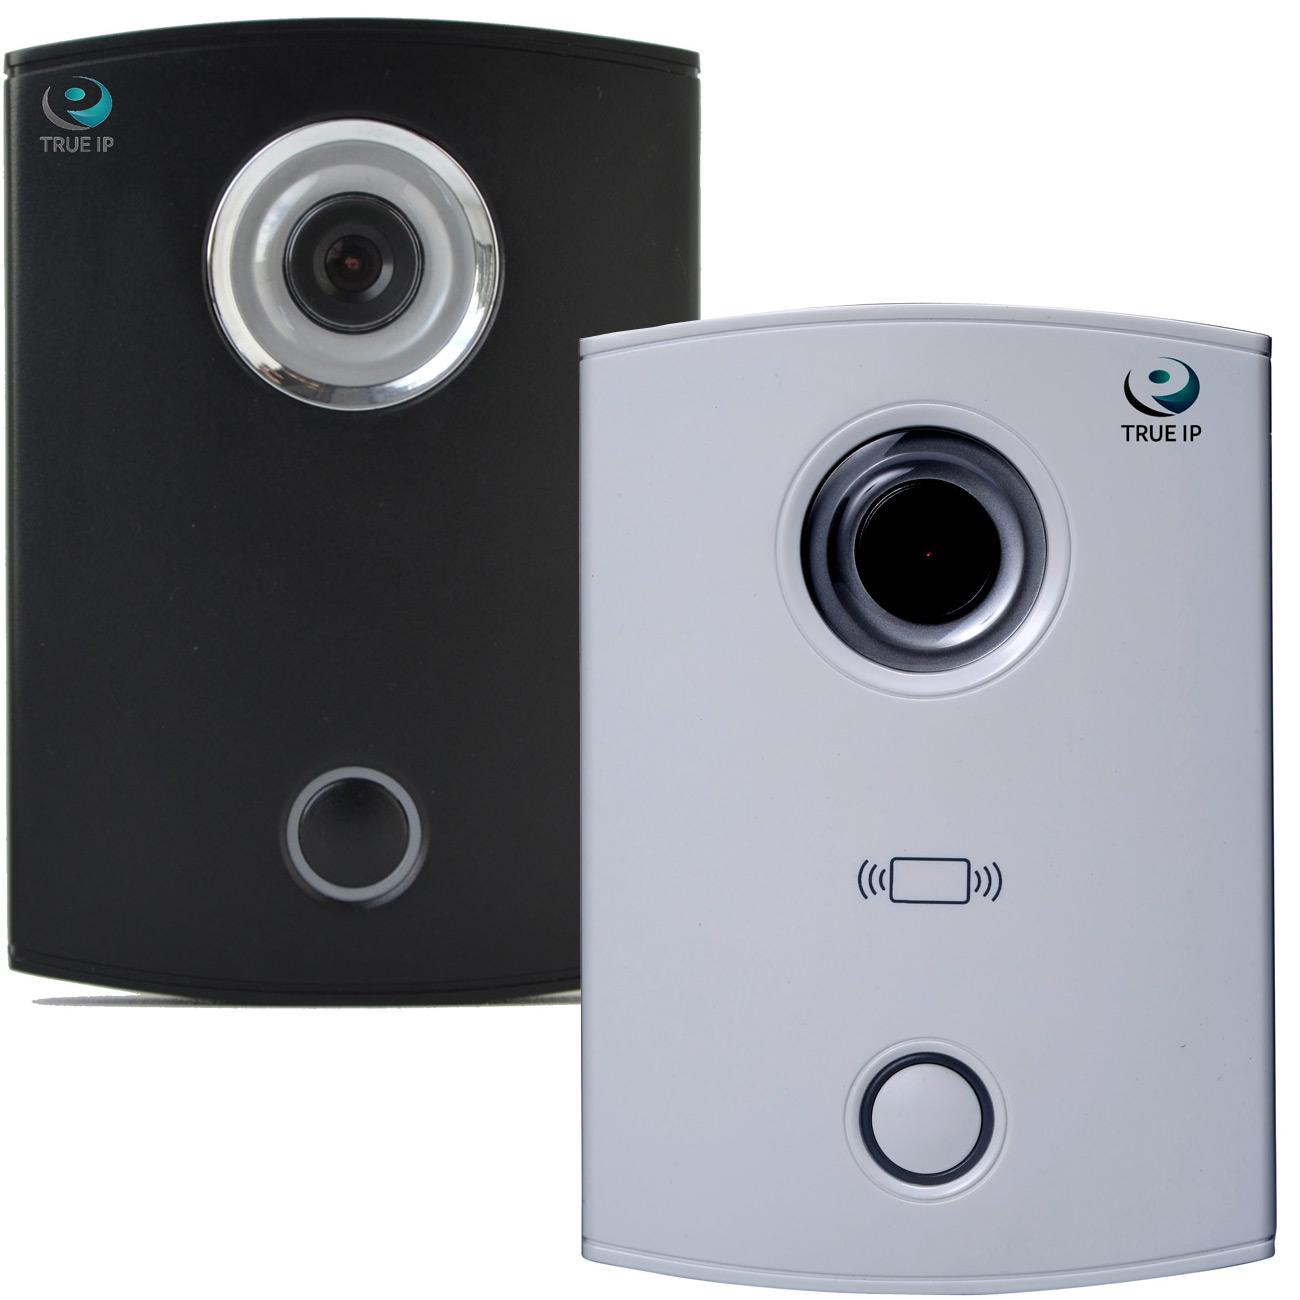 Фото 5 - TRUE-IP TI-2600C WHITE/BLACK, IP вызывная панель для систем домофонии с встроенной 1.3 Мп камерой и считывателем Mifare.